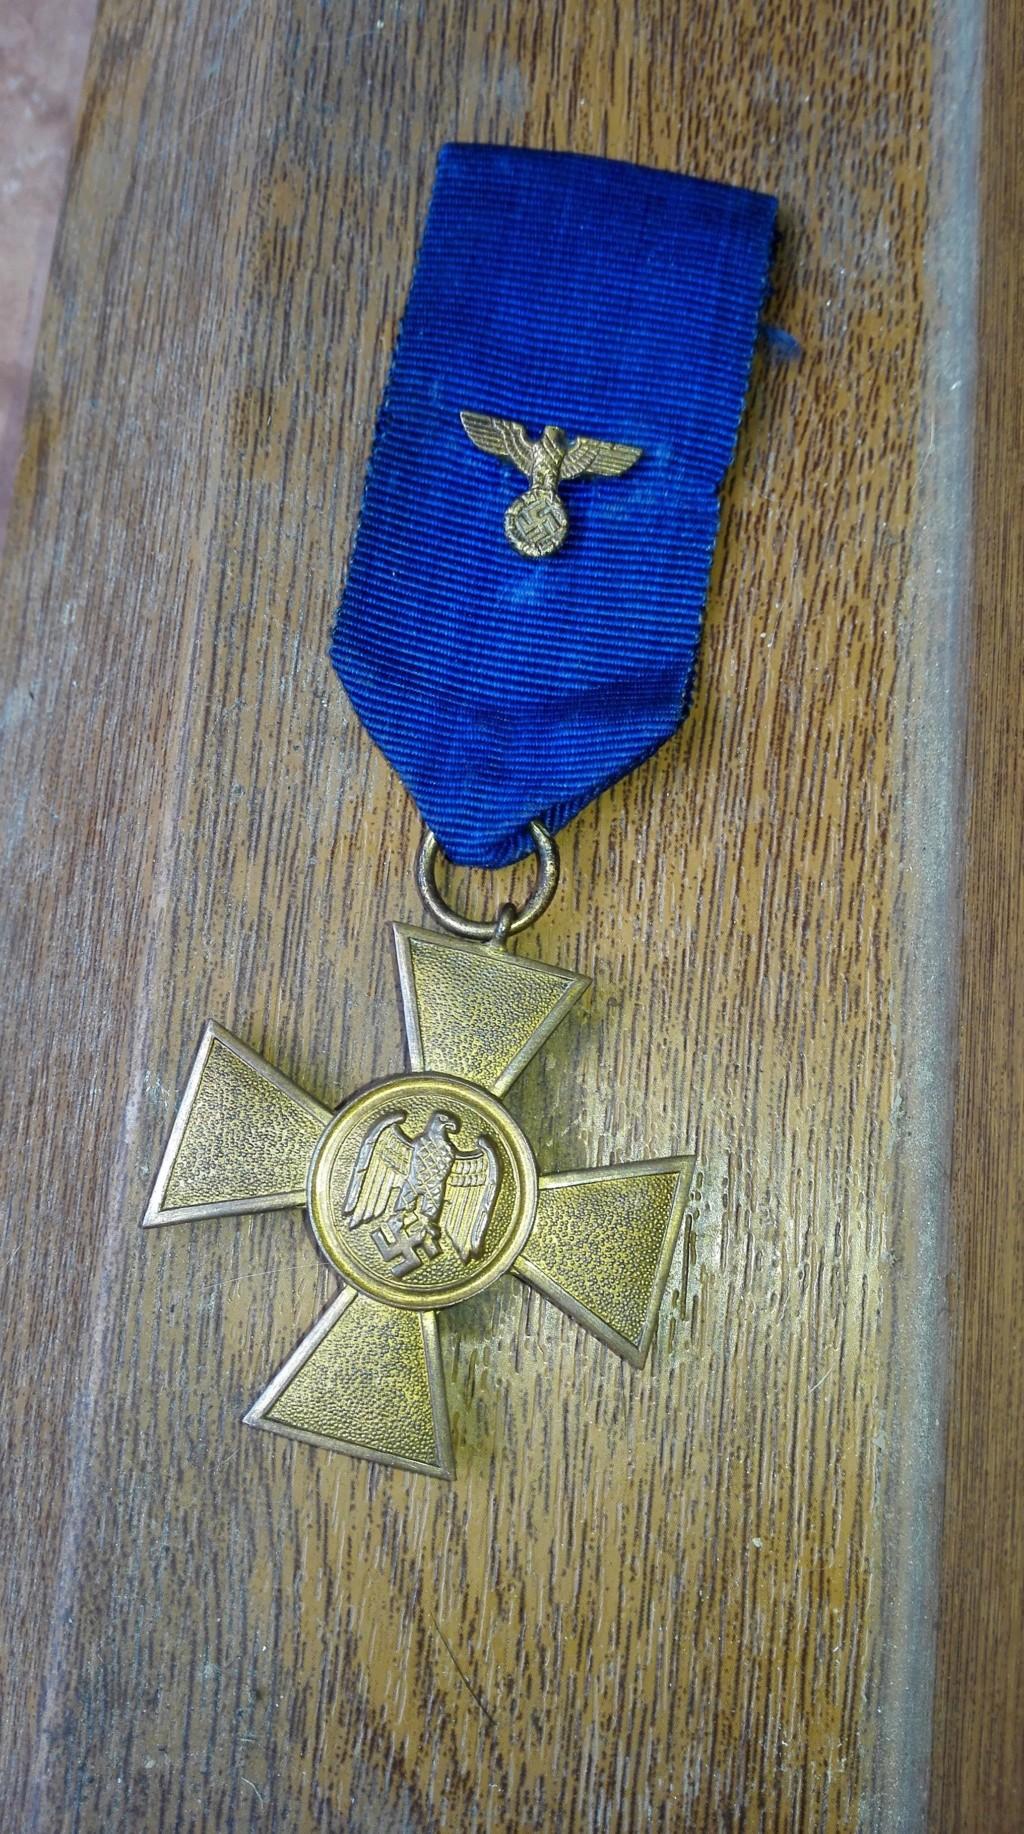 authentification pour cette medaille en vente sur le forum Medail15